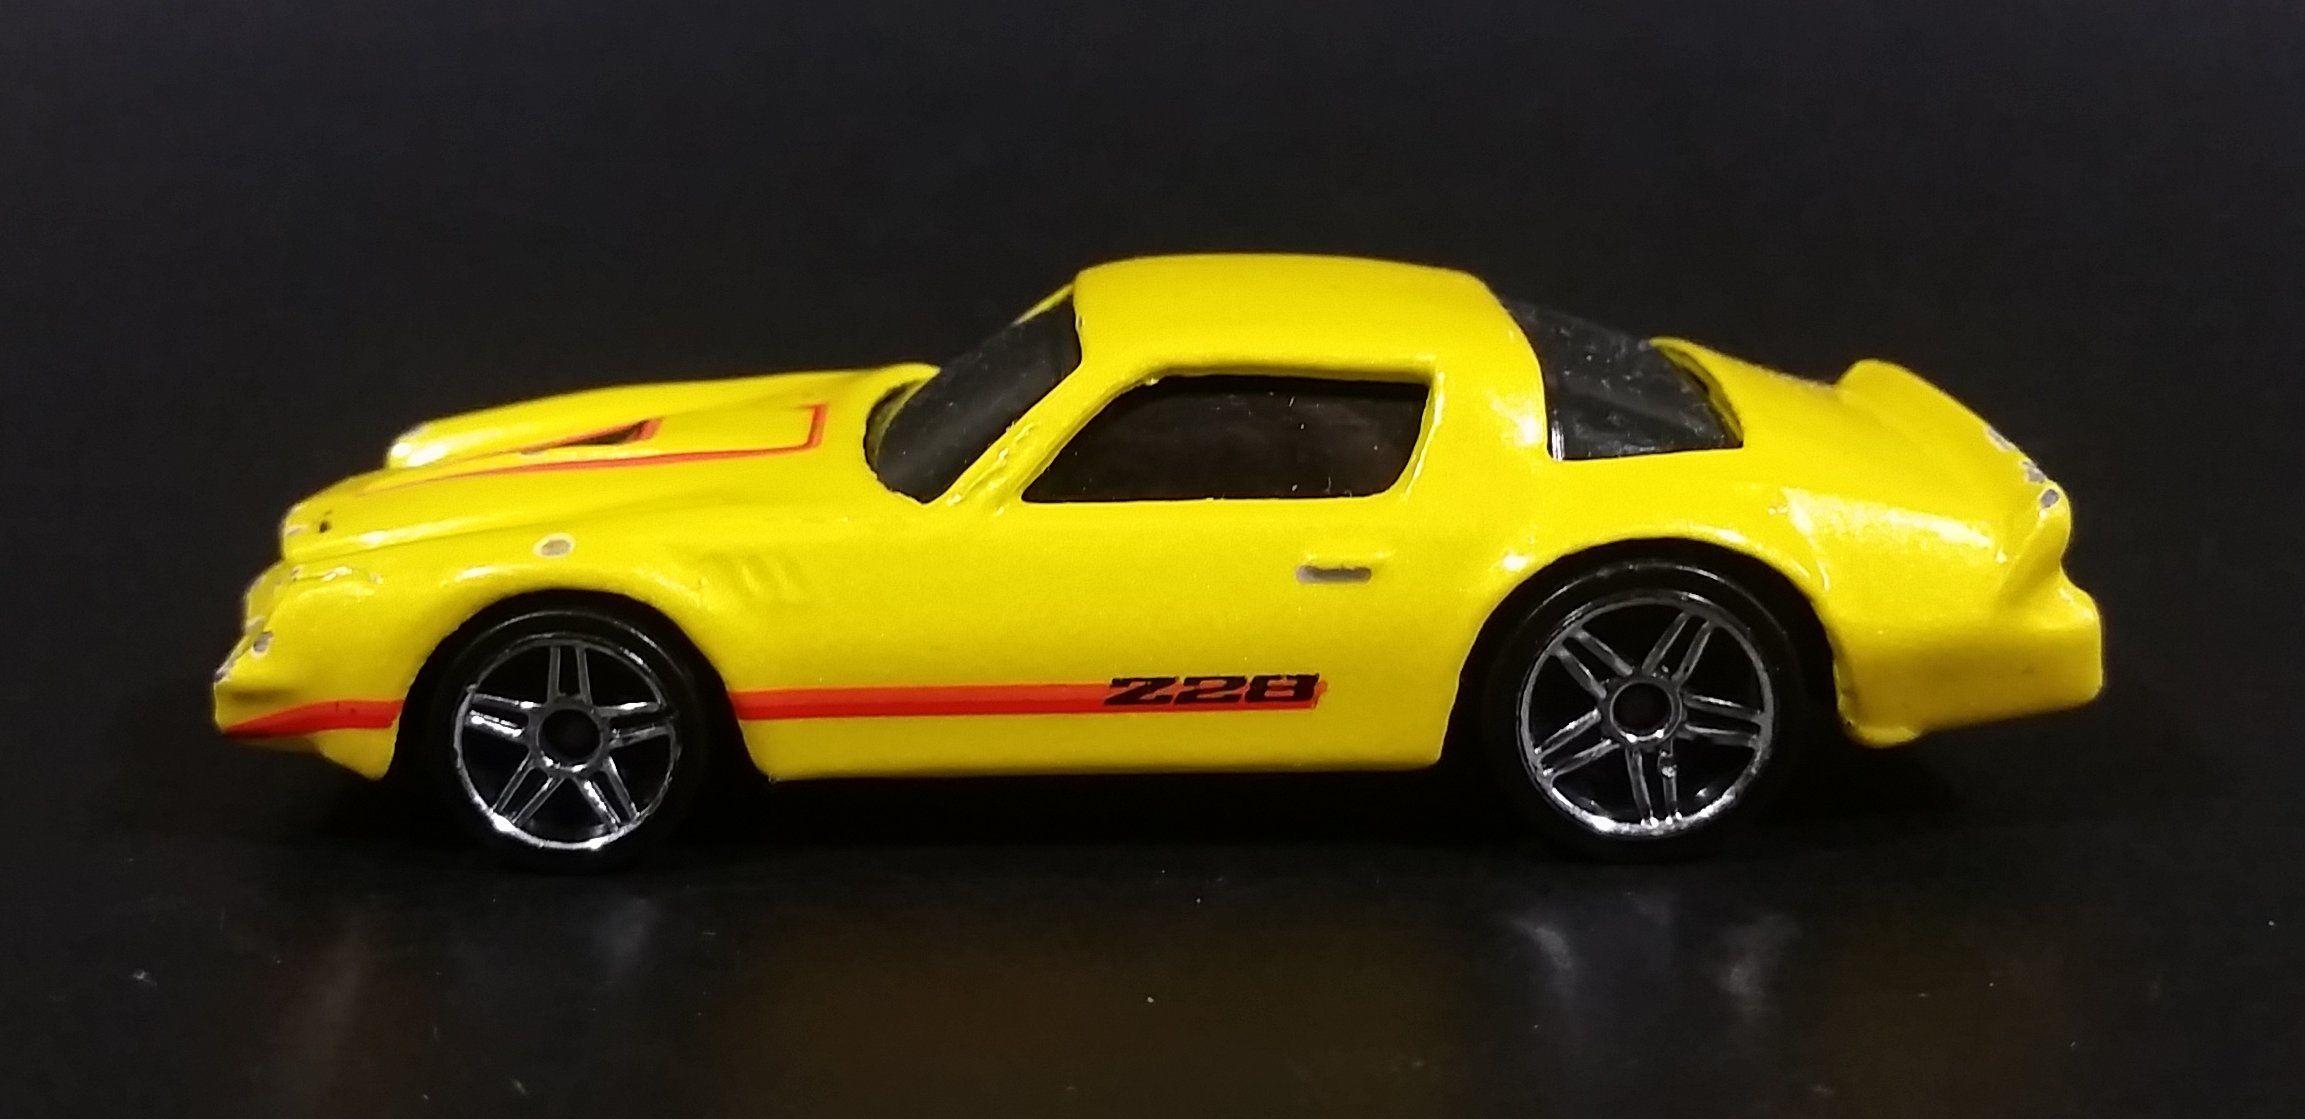 2007 Hot Wheels Chevrolet Camaro Z28 Yellow Die Cast Toy